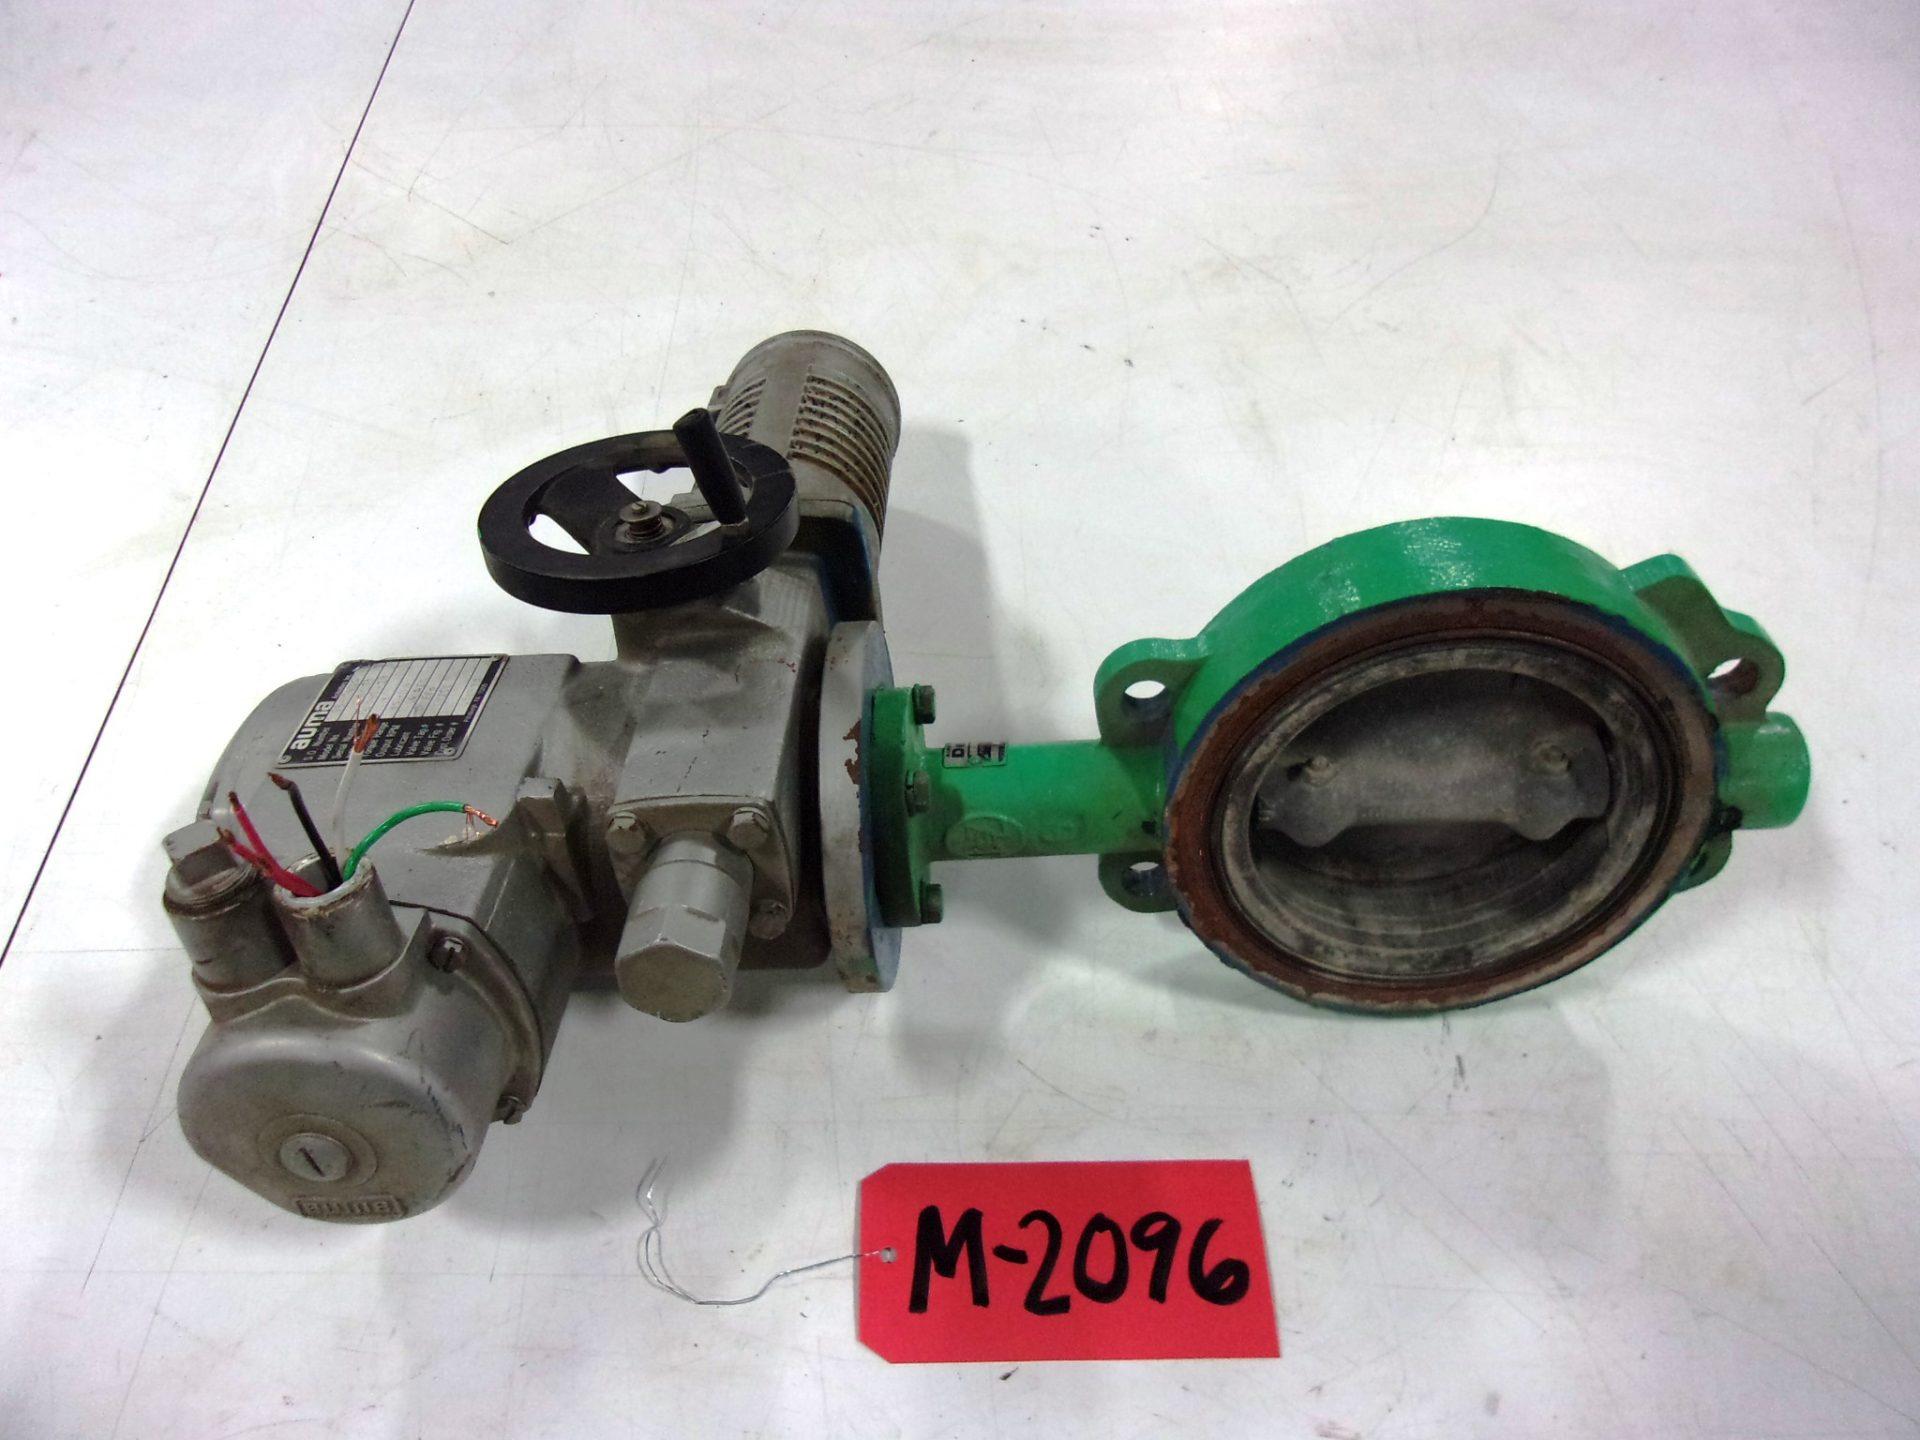 Used - Auma SG051 Explosion Proof Actuator-Misc. Equipment